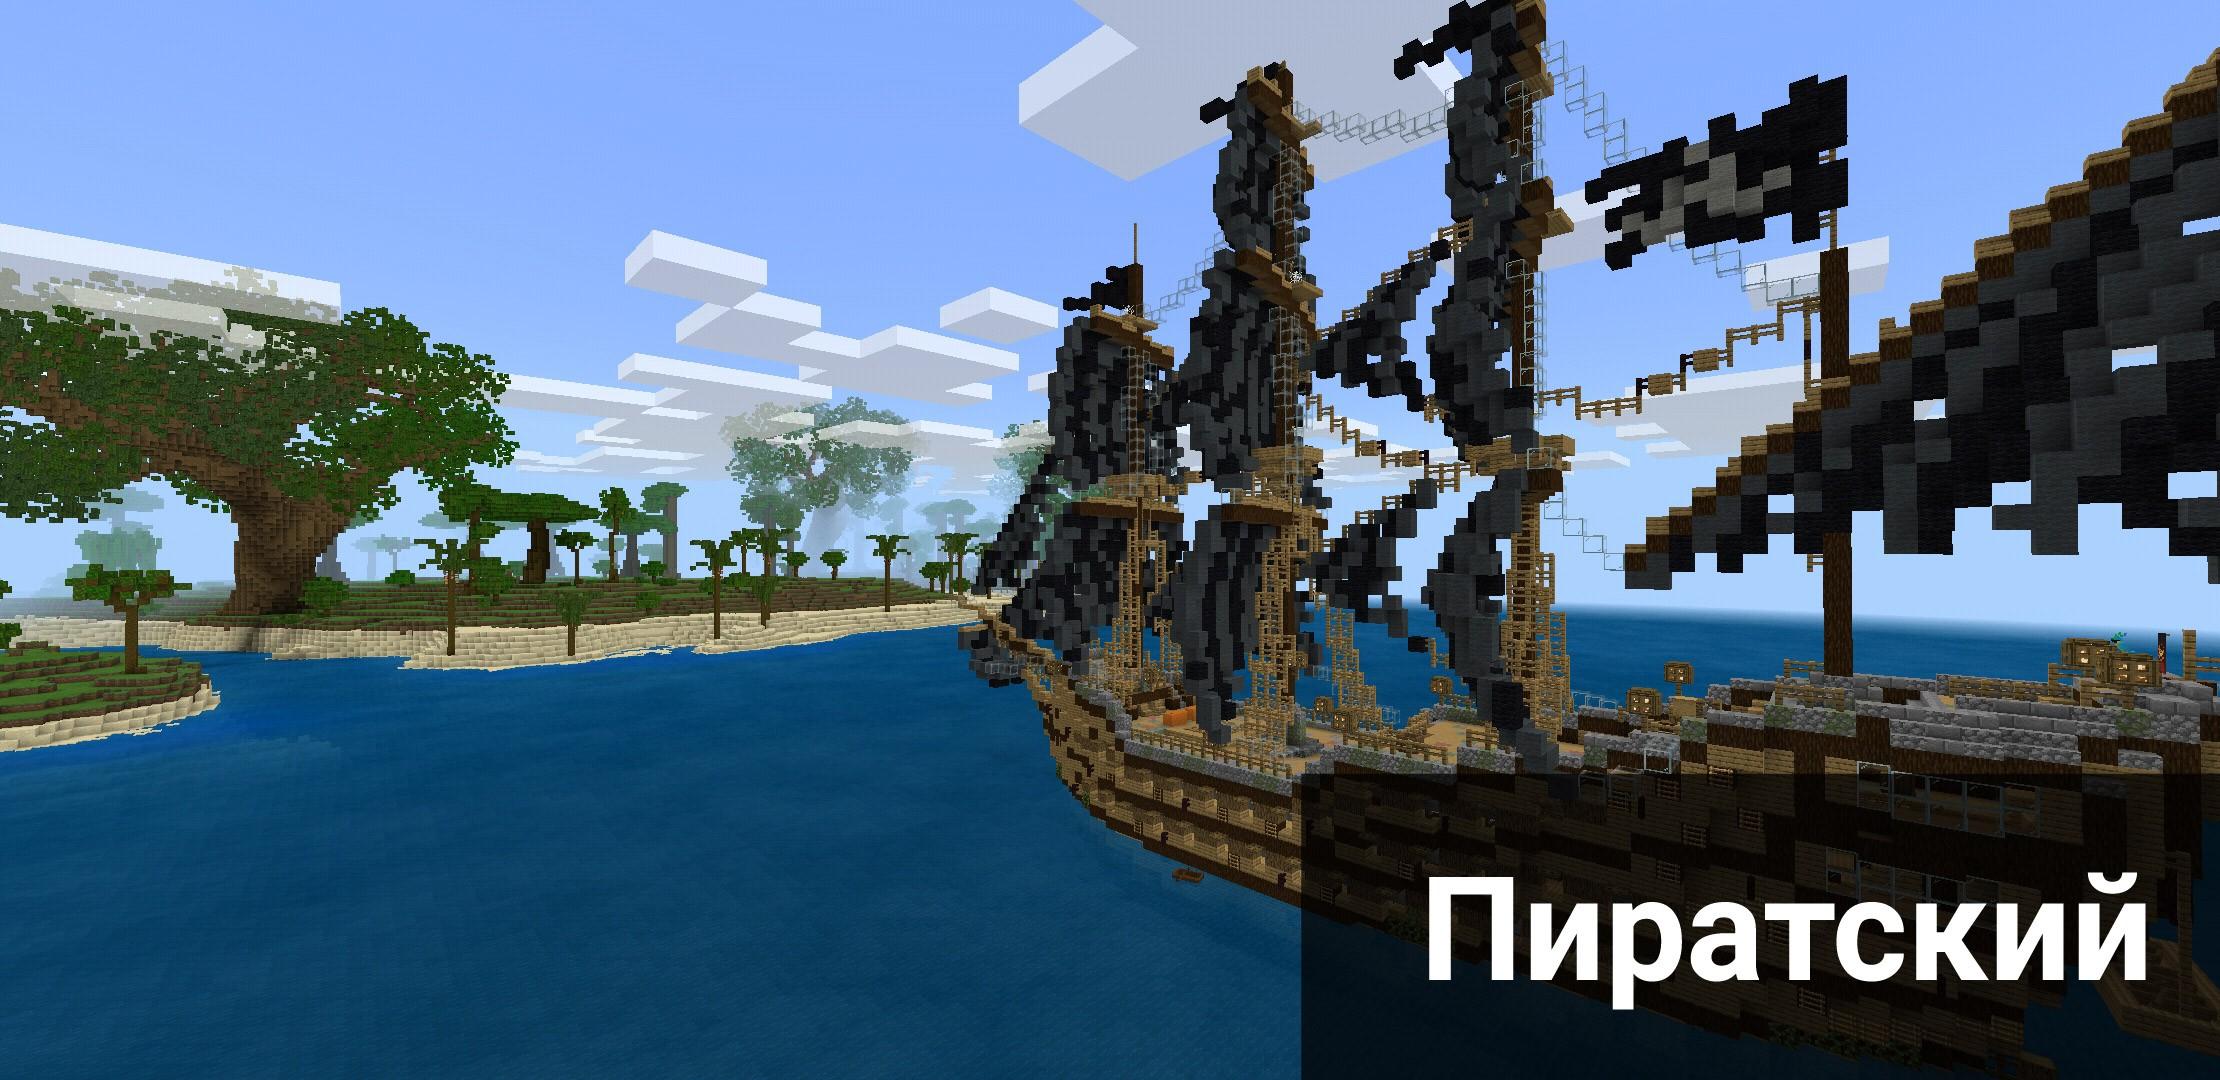 Карта на пиратский остров для Майнкрафт ПЕ